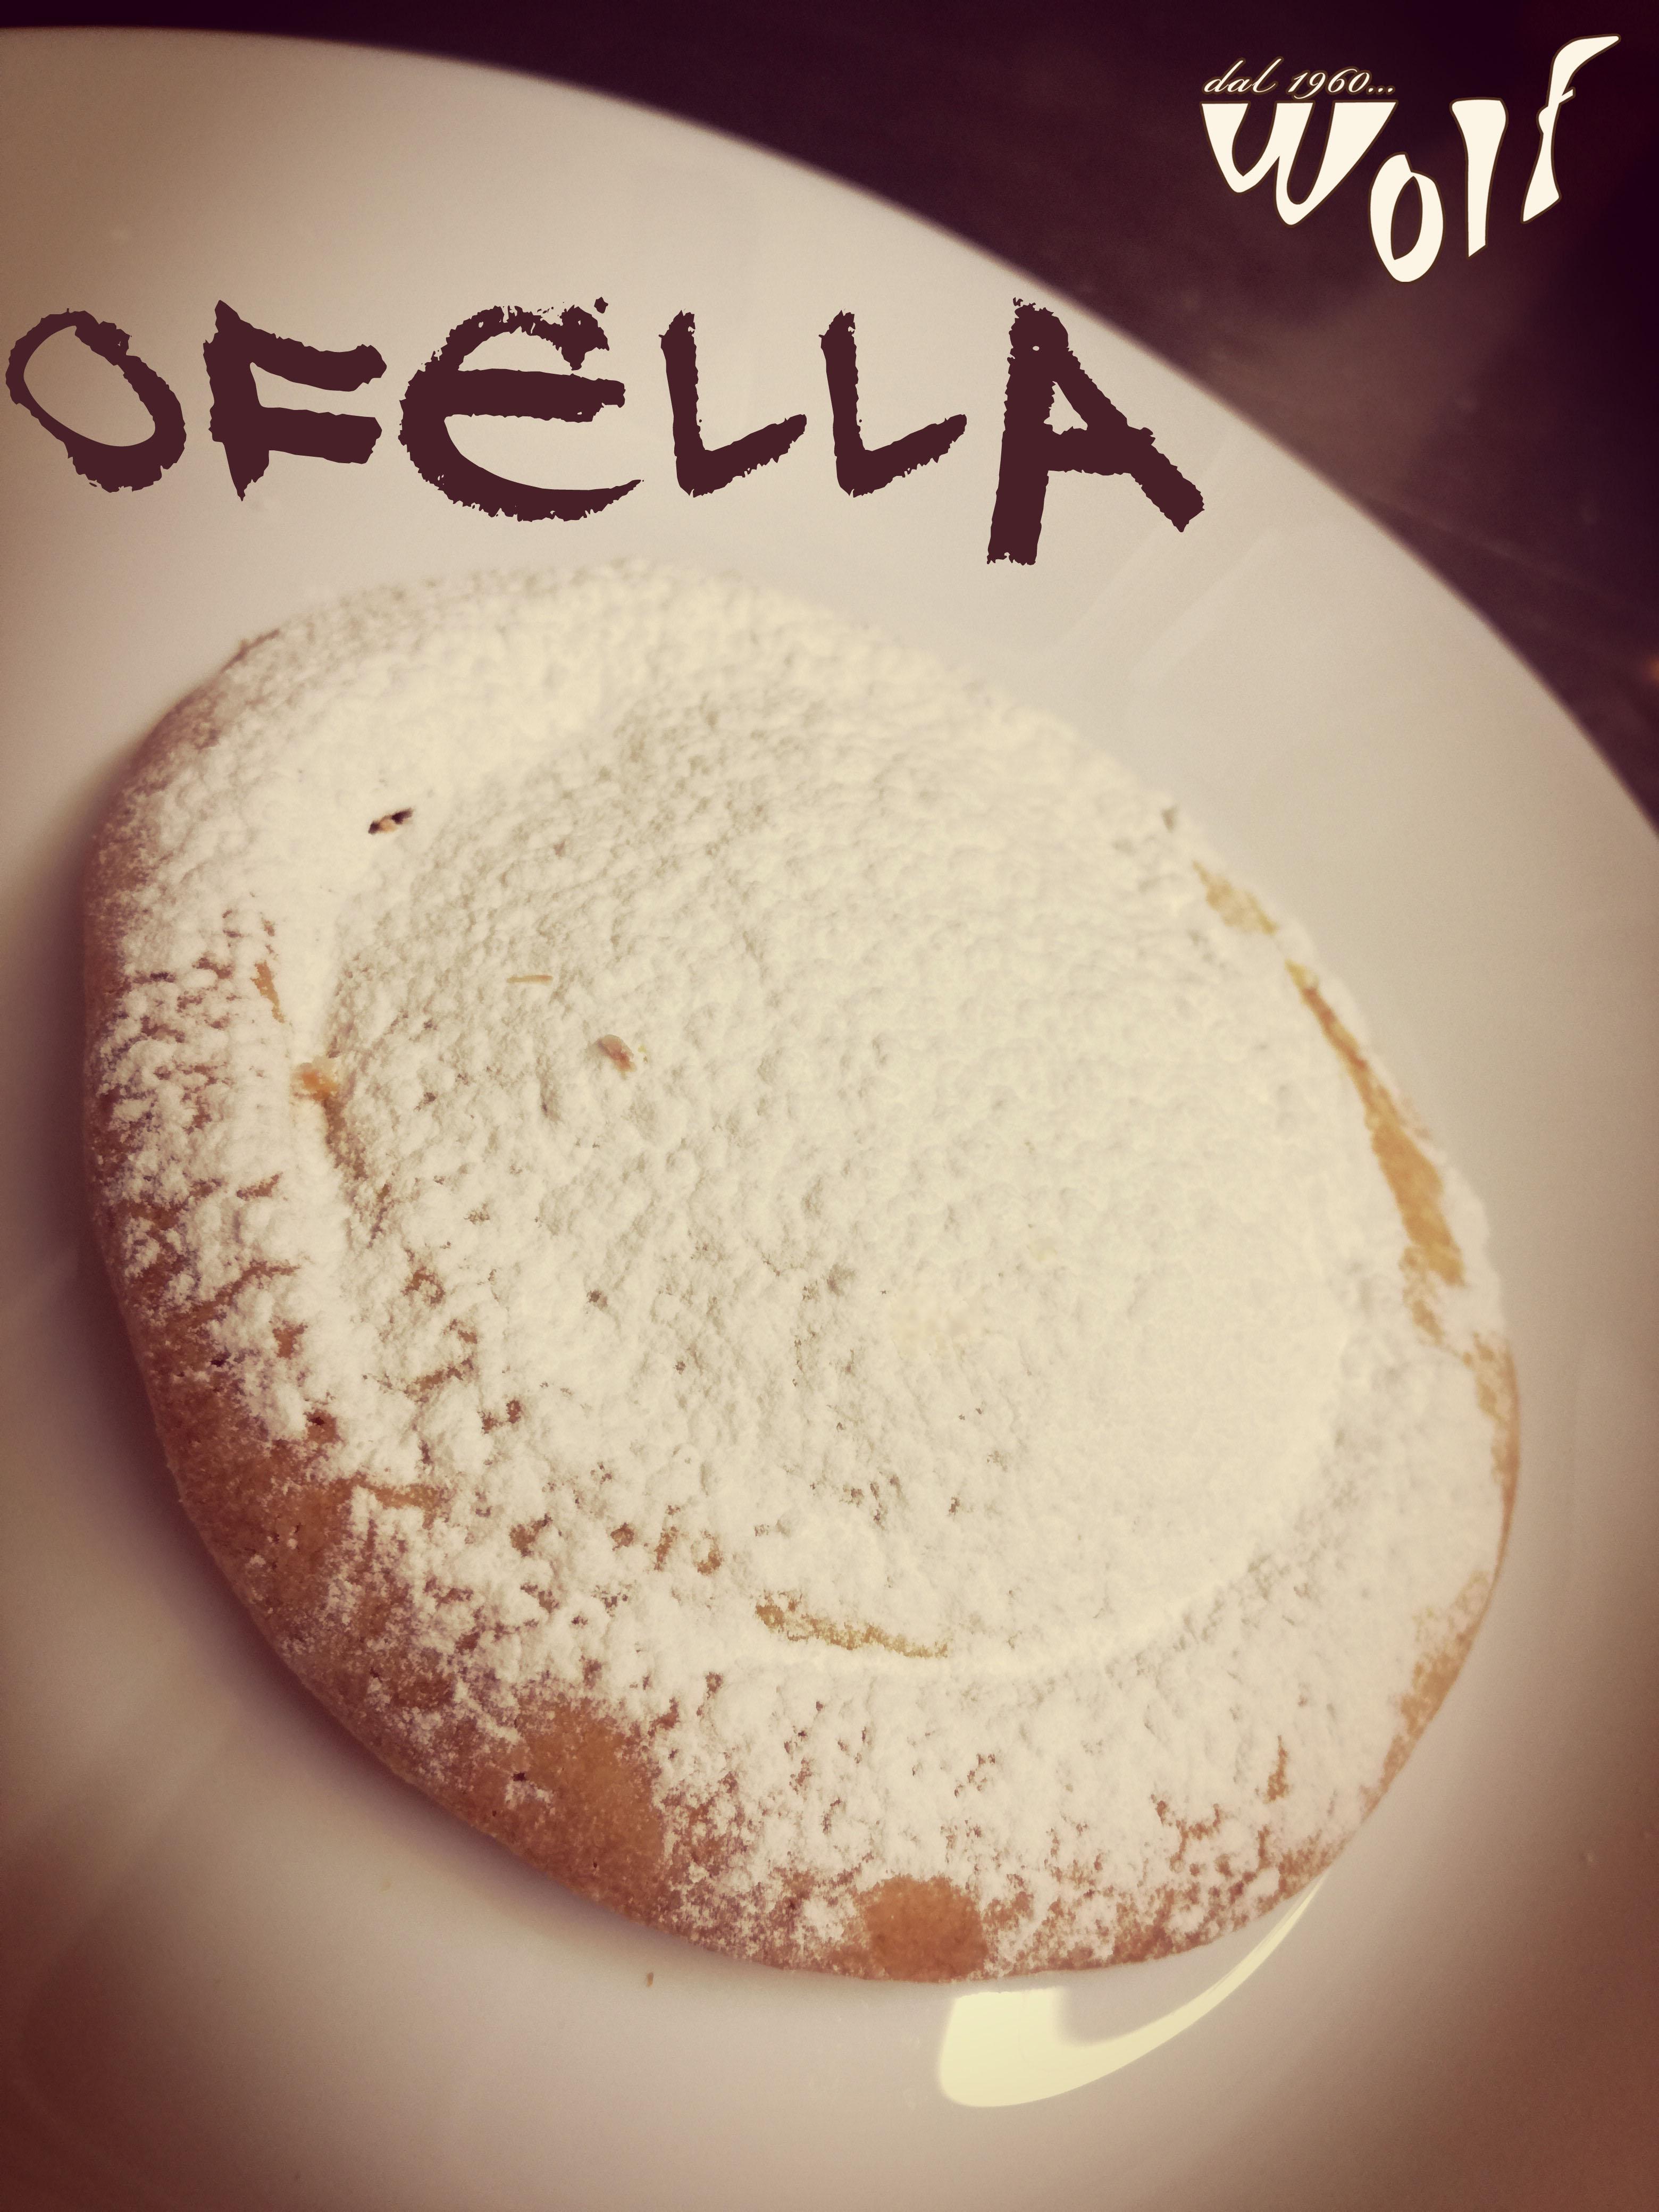 Ofella